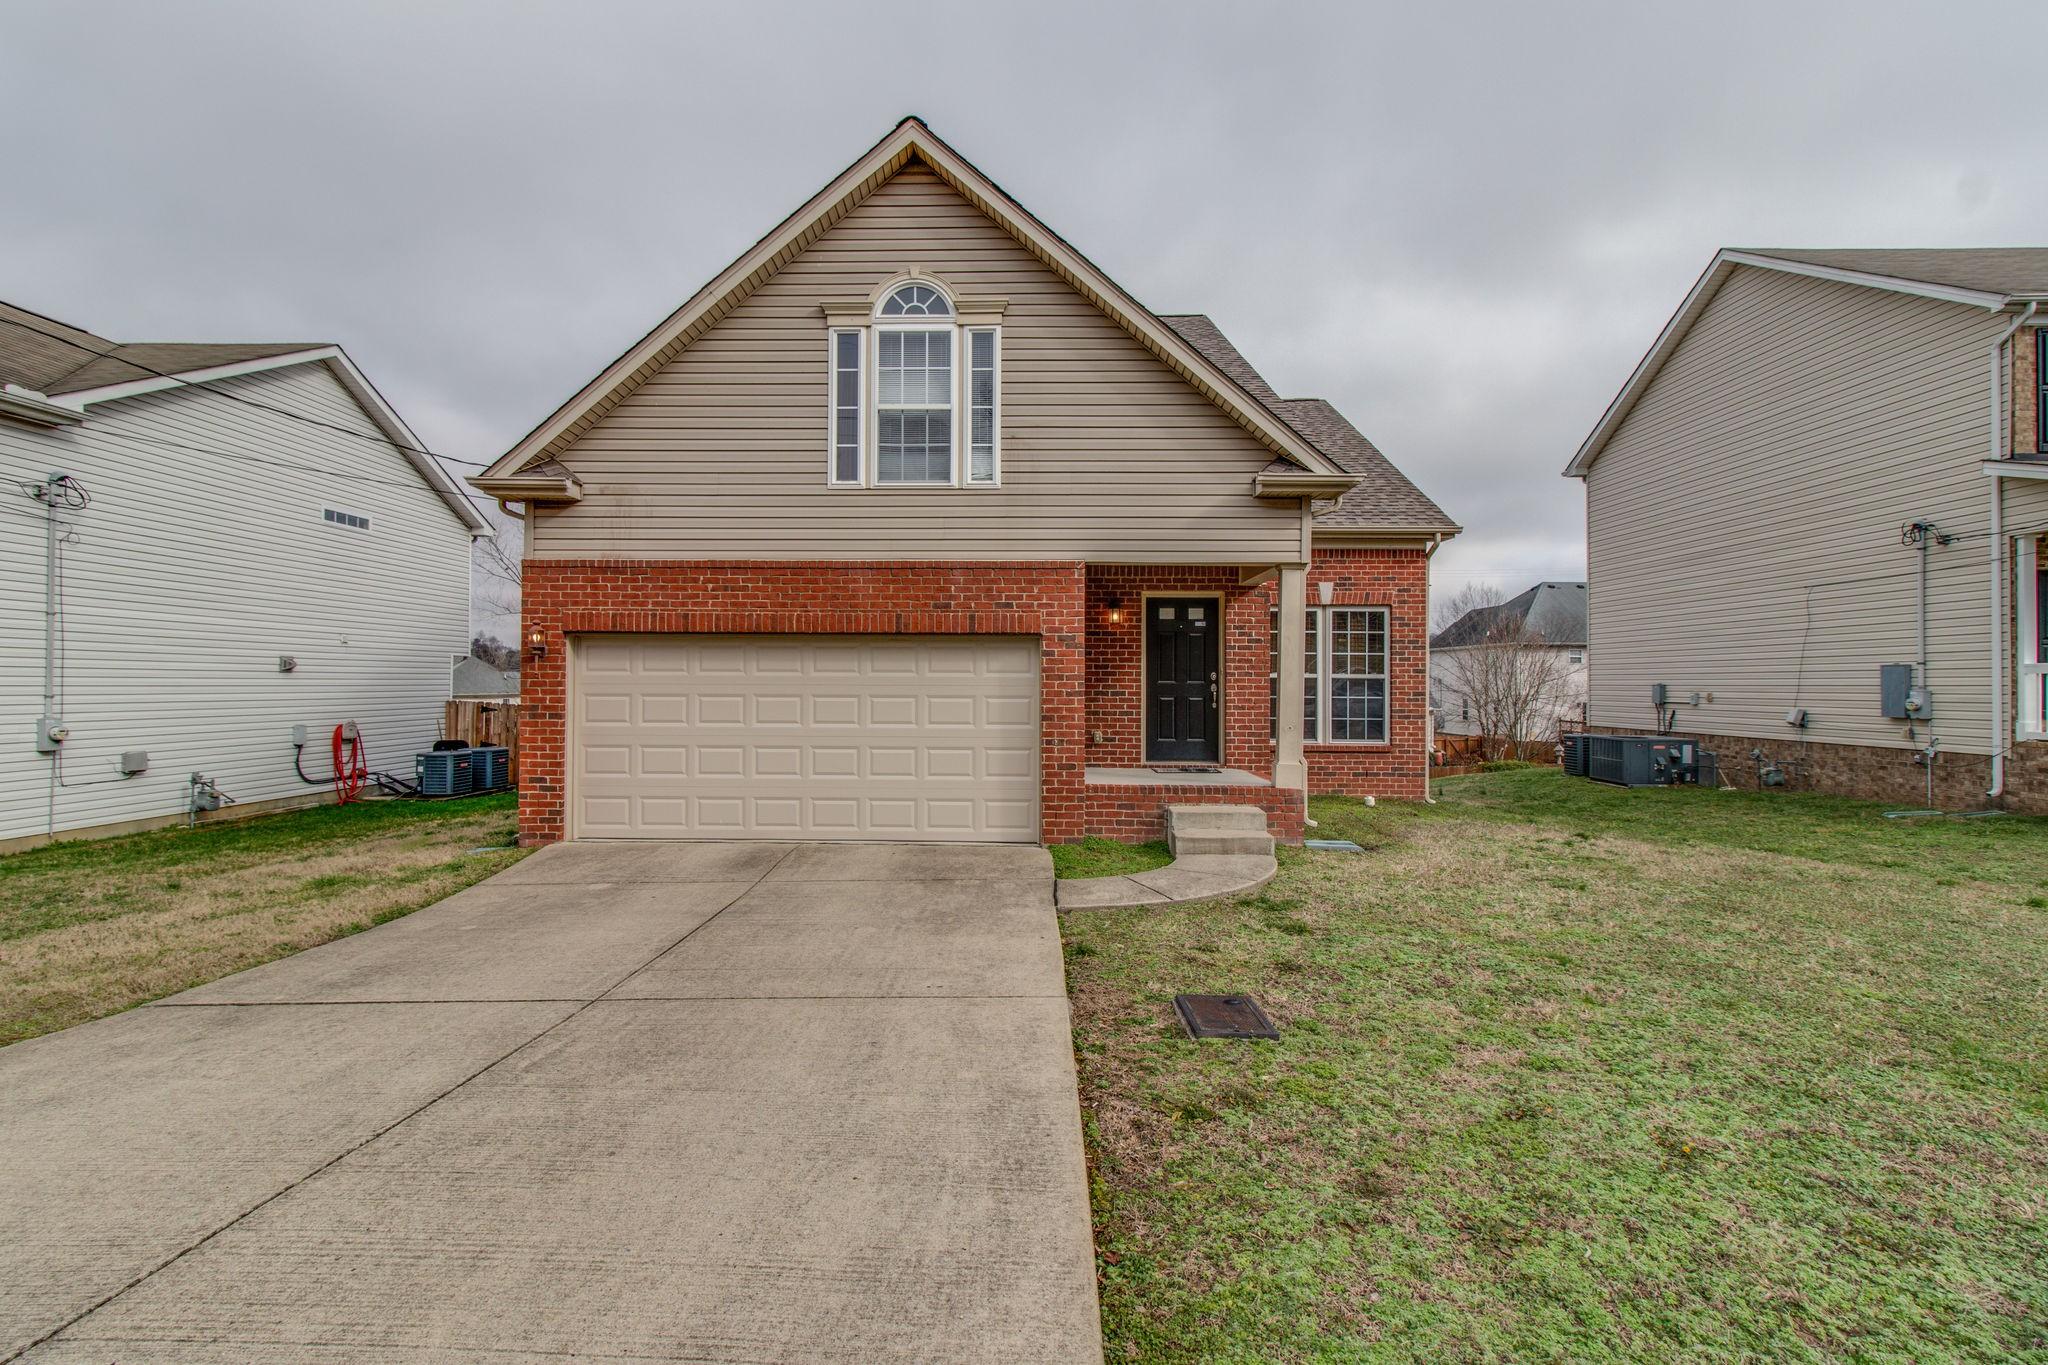 3141 Skinner Dr, Antioch, TN 37013 - Antioch, TN real estate listing